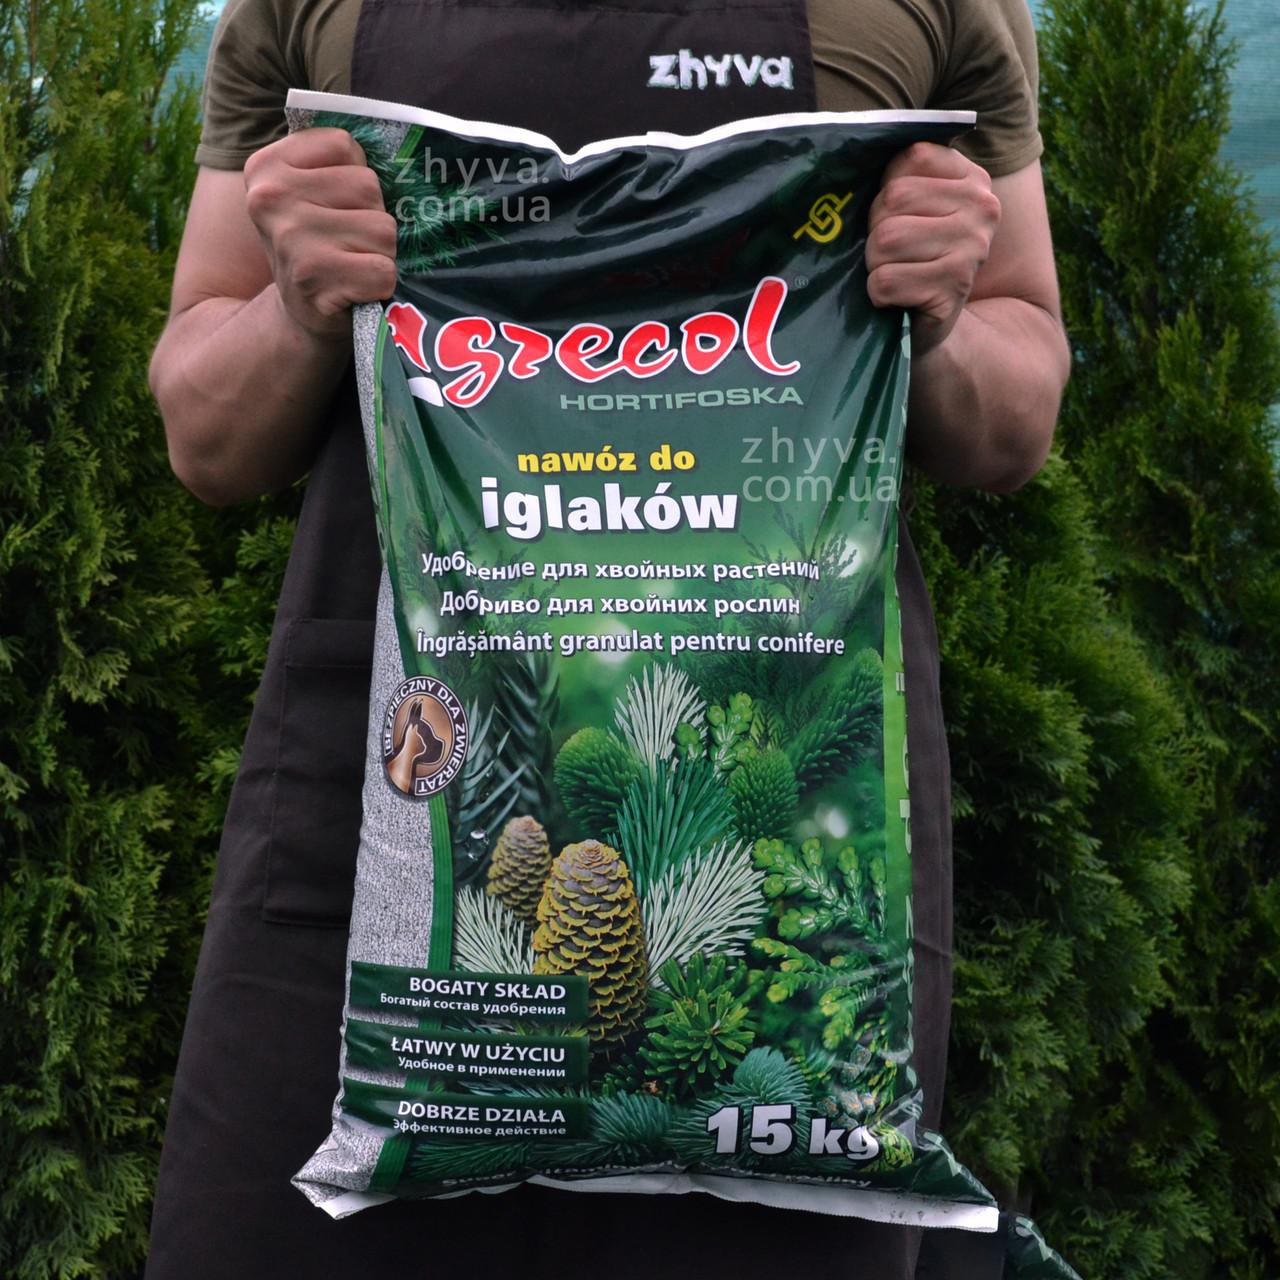 Добриво Argecol Hortifoska для хвойних рослин 15кг